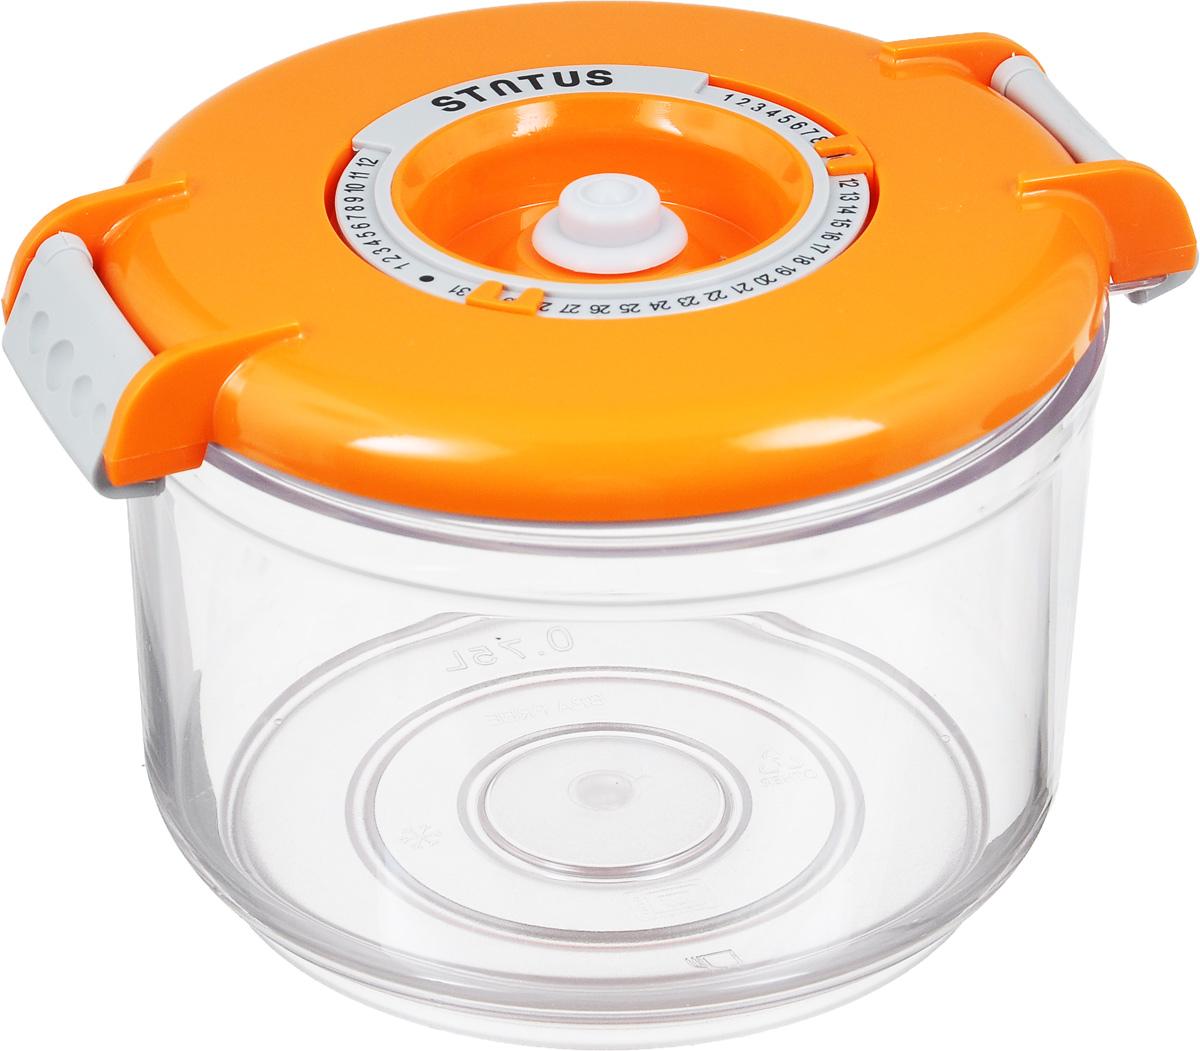 Контейнер вакуумный Status, с индикатором даты срока хранения, 0,75 лVAC-RD-075 OrangeВакуумный контейнер Status выполнен из хрустально-прозрачного прочного тритана. Благодаря вакууму, продукты не подвергаются внешнему воздействию, и срок хранения значительно увеличивается, сохраняют свои вкусовые качества и аромат, а запахи в холодильнике не перемешиваются. Допускается замораживание до -21°C, мойка контейнера в посудомоечной машине, разогрев в СВЧ (без крышки). Рекомендовано хранение следующих продуктов: макаронные изделия, крупа, мука, кофе в зёрнах, сухофрукты, супы, соусы. Контейнер имеет индикатор даты, который позволяет отмечать дату конца срока годности продуктов. Размер контейнера (с учетом крышки): 13 х 13 х 10 см.